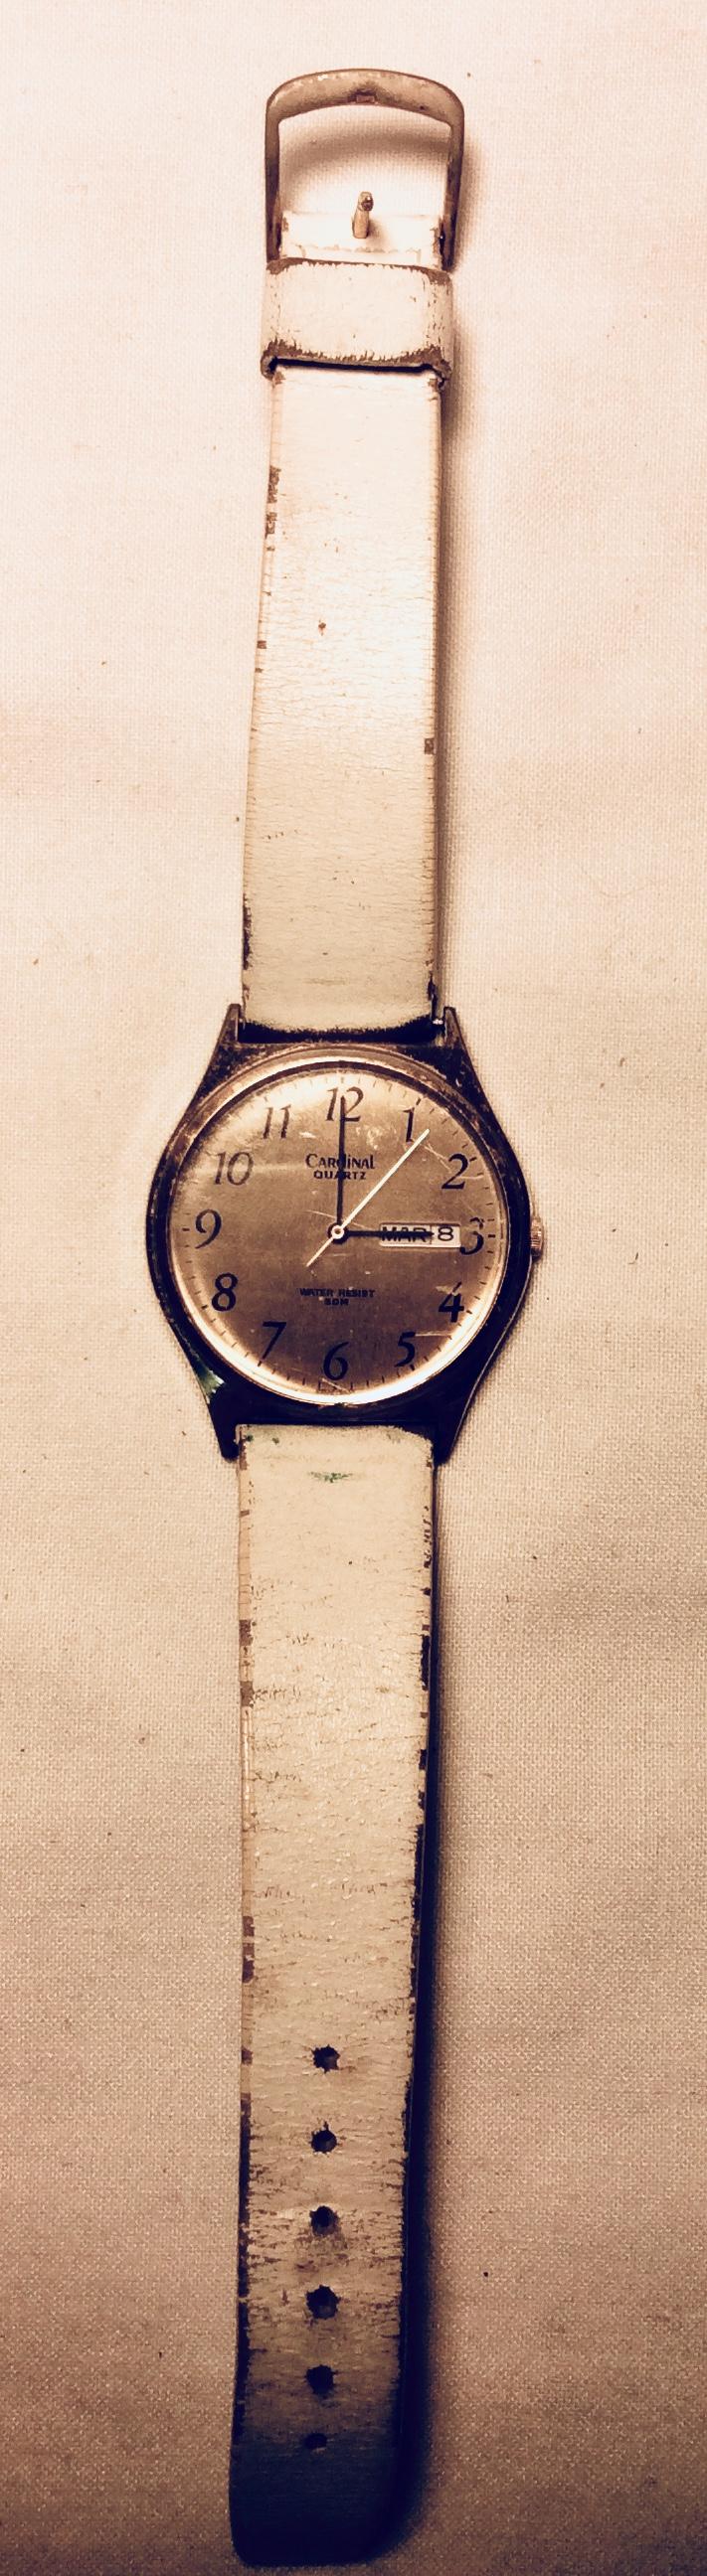 Brass face watch